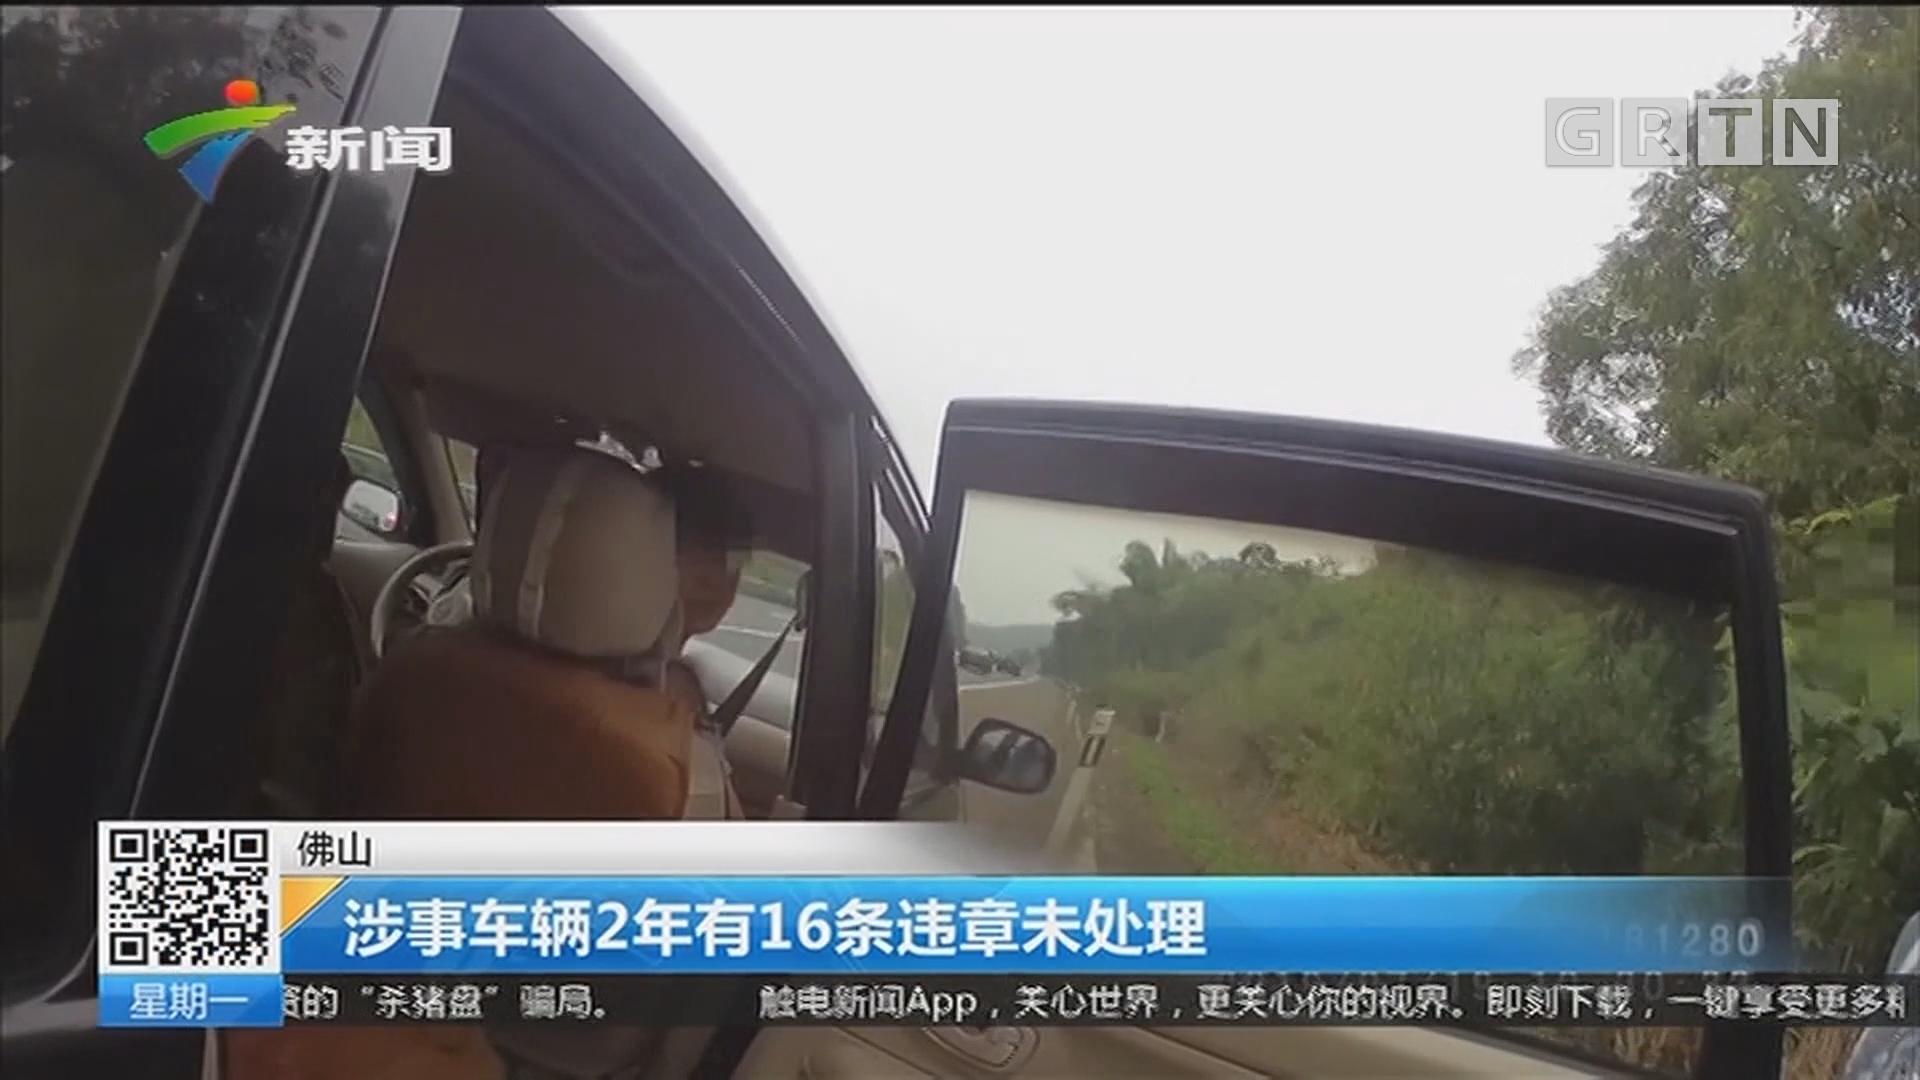 佛山:宠物狗车上便溺 司机违停应急车道